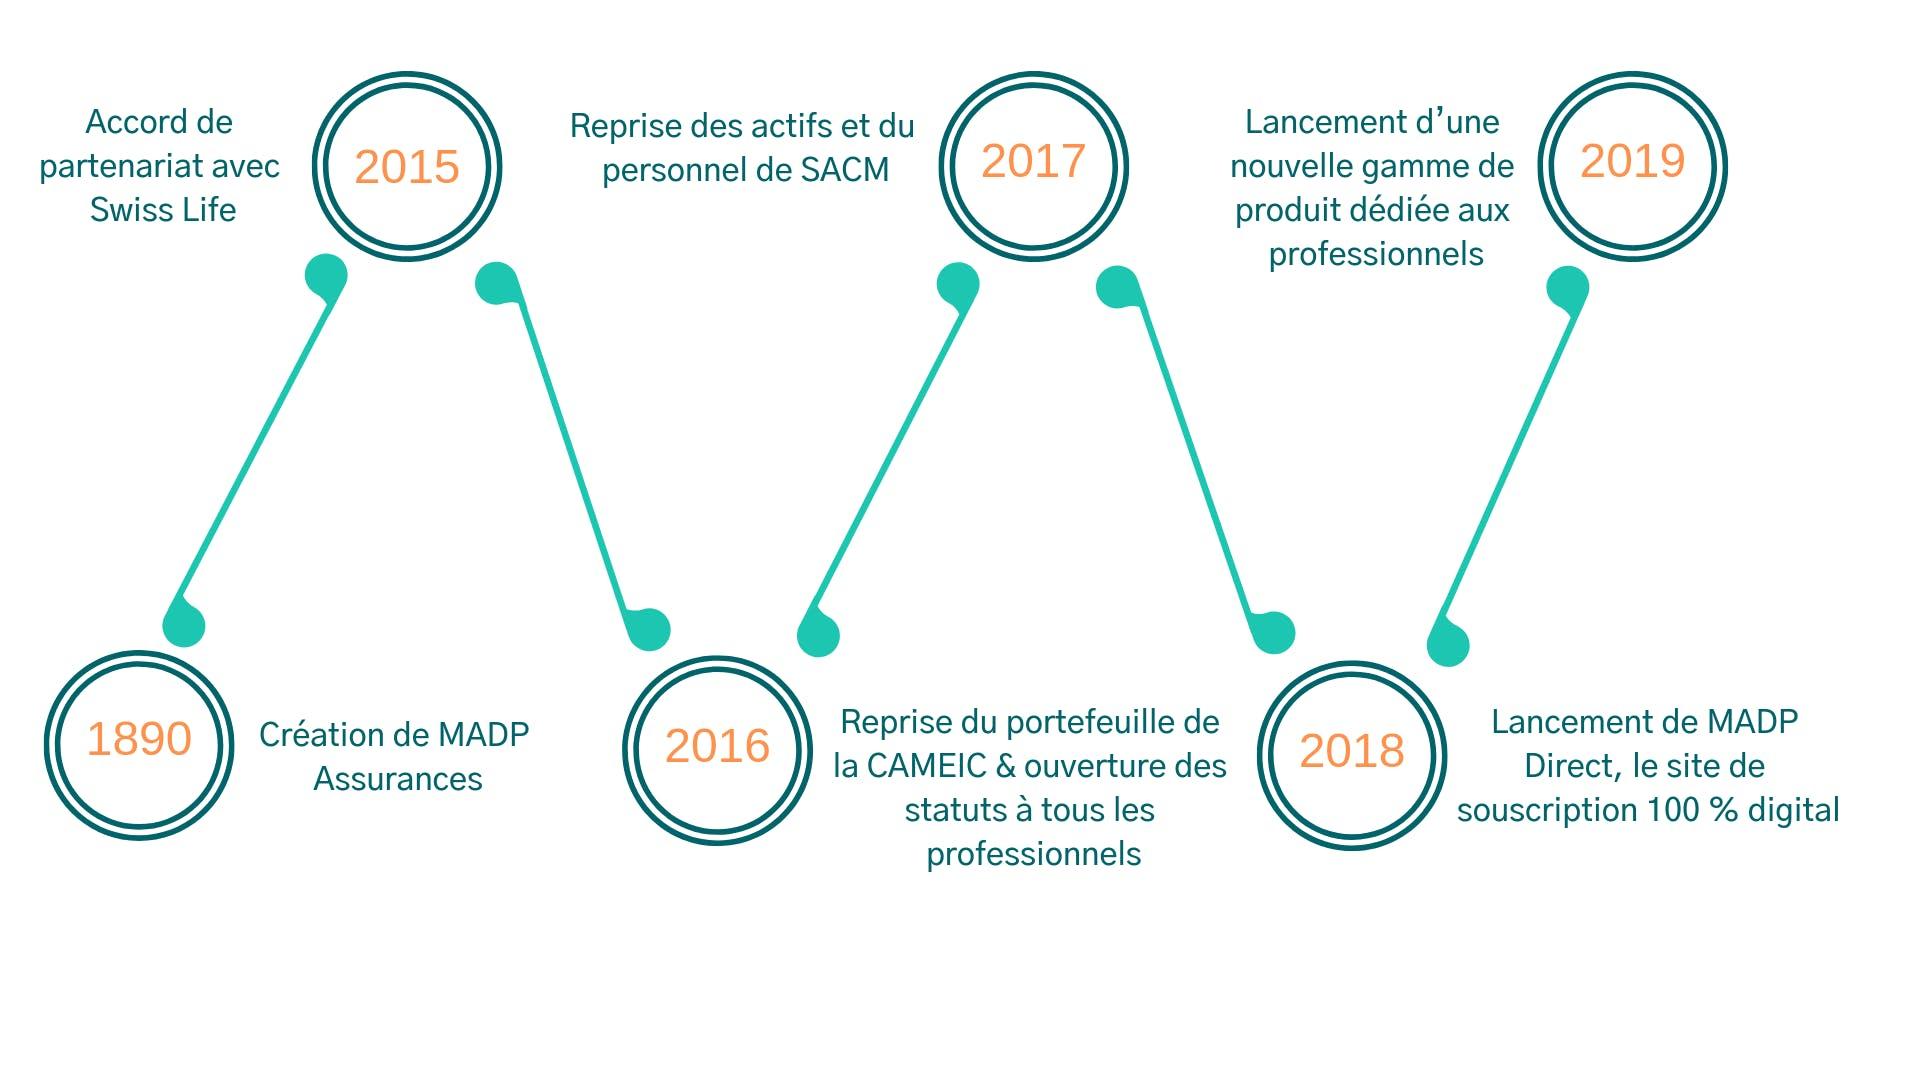 1890 : naissance de la mutuelle des pharmaciens, 2015 : lancement de la santé individuelle et agrément en protection juridique, 2016 : Lancement de la santé collective